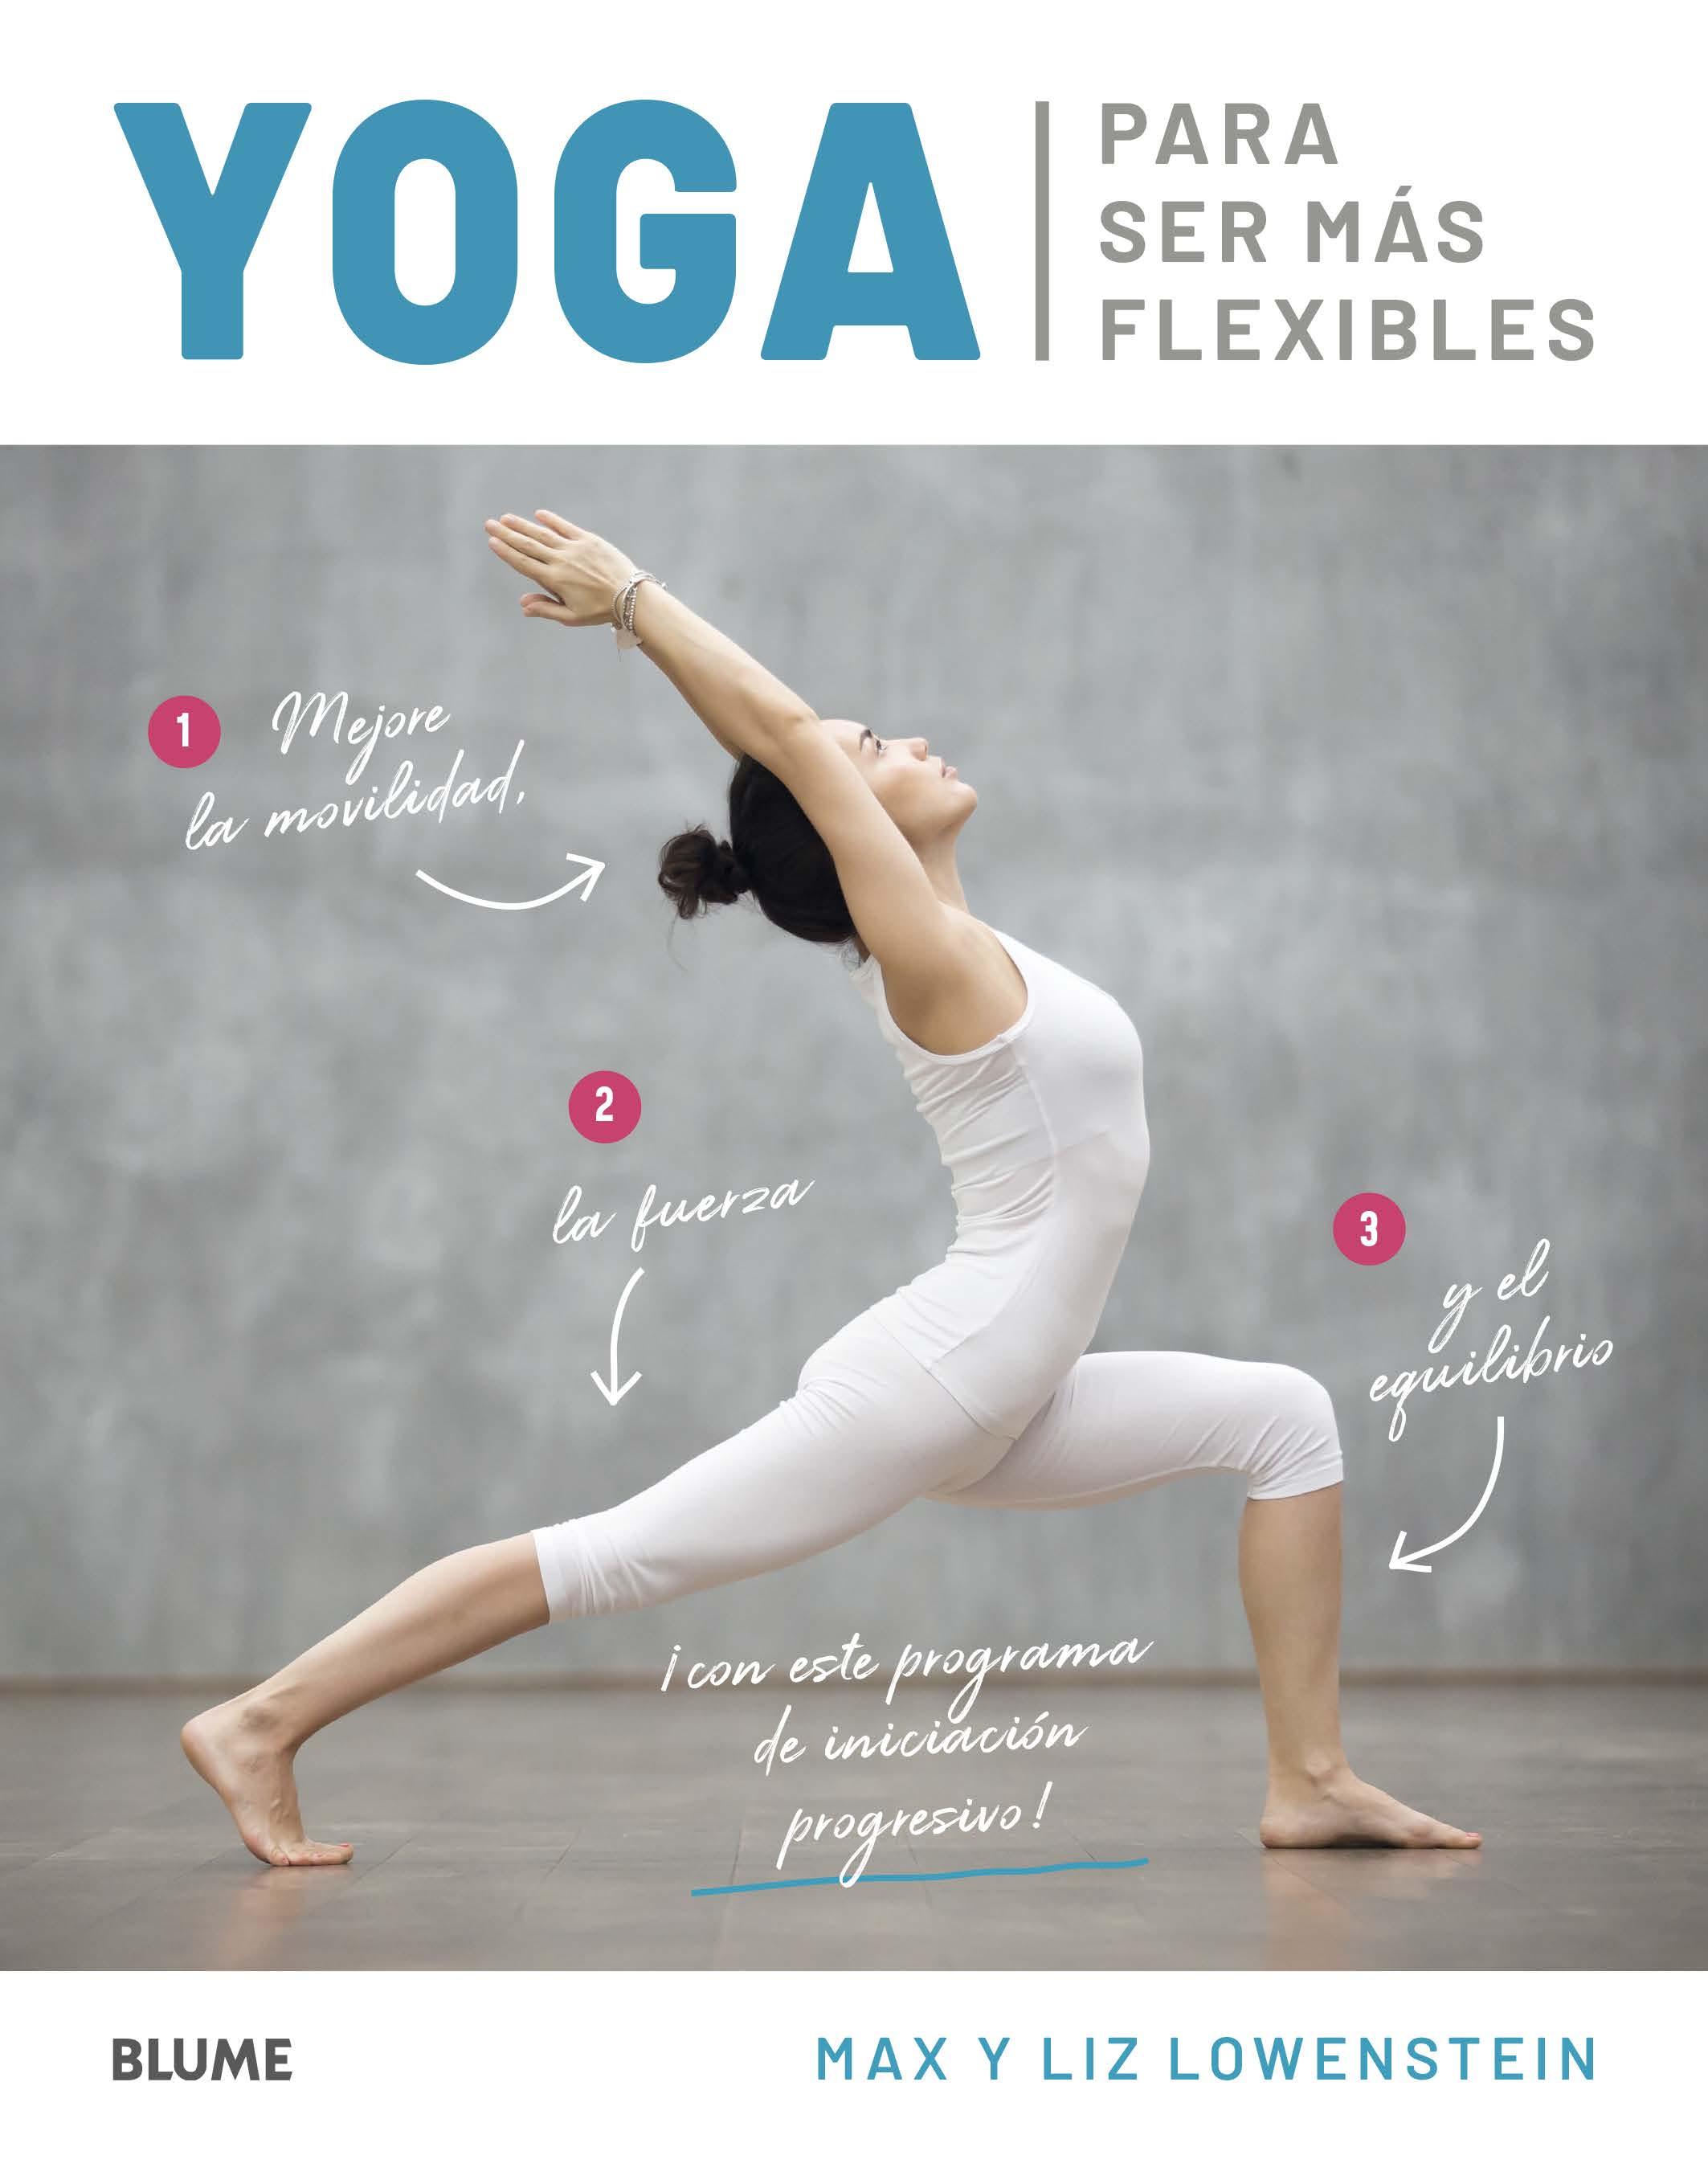 Yoga para ser más flexibles - Lowenstein Max